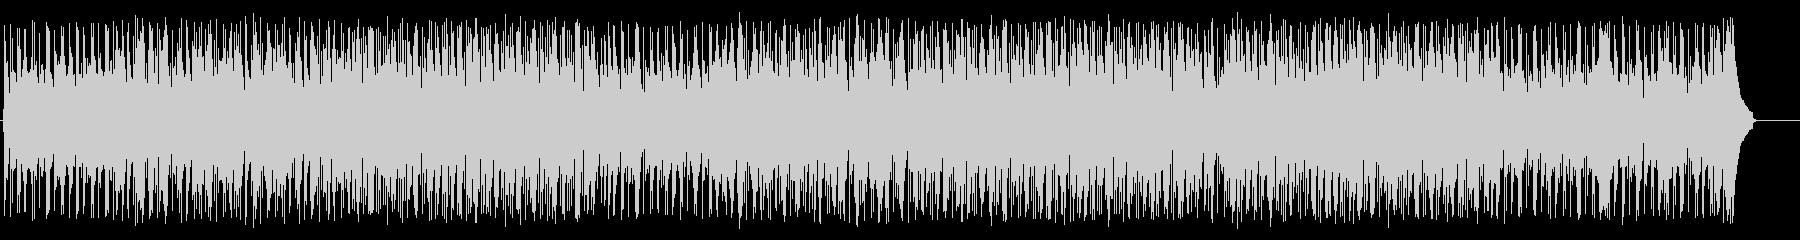 ちょっぴり切ないポップ(フルサイズ)の未再生の波形